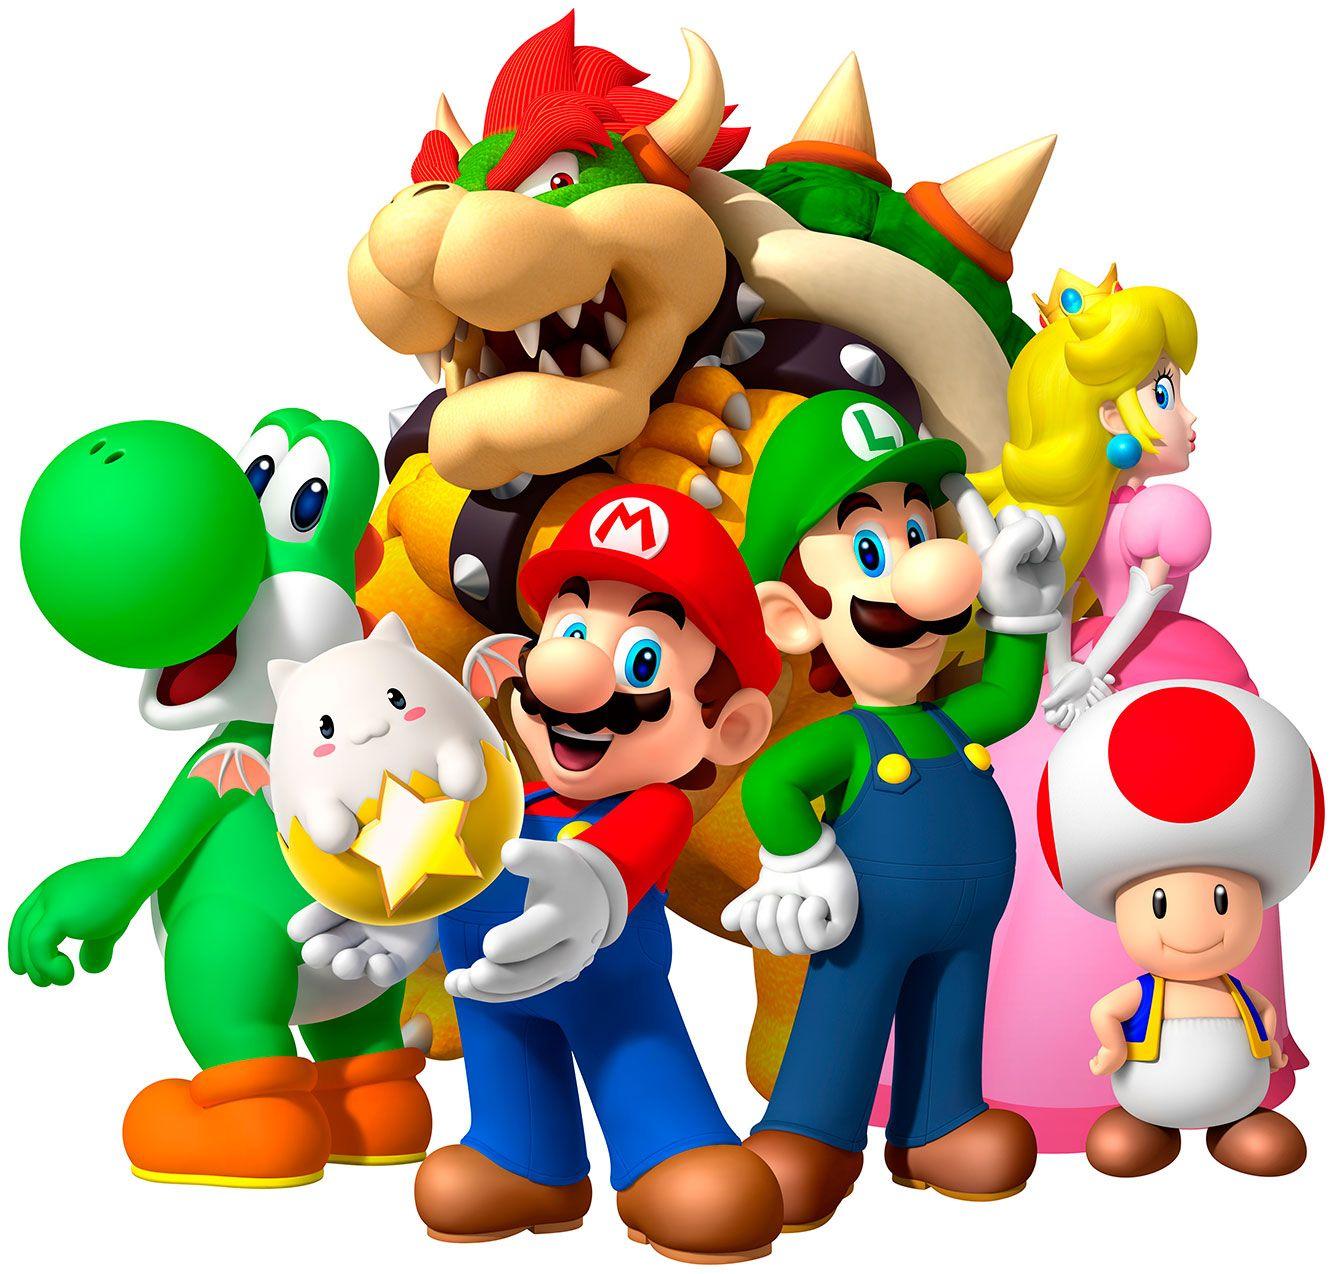 Puzzle Dragons Z Super Mario Bros Edition Review Super Mario Bros Mario Bros Super Mario